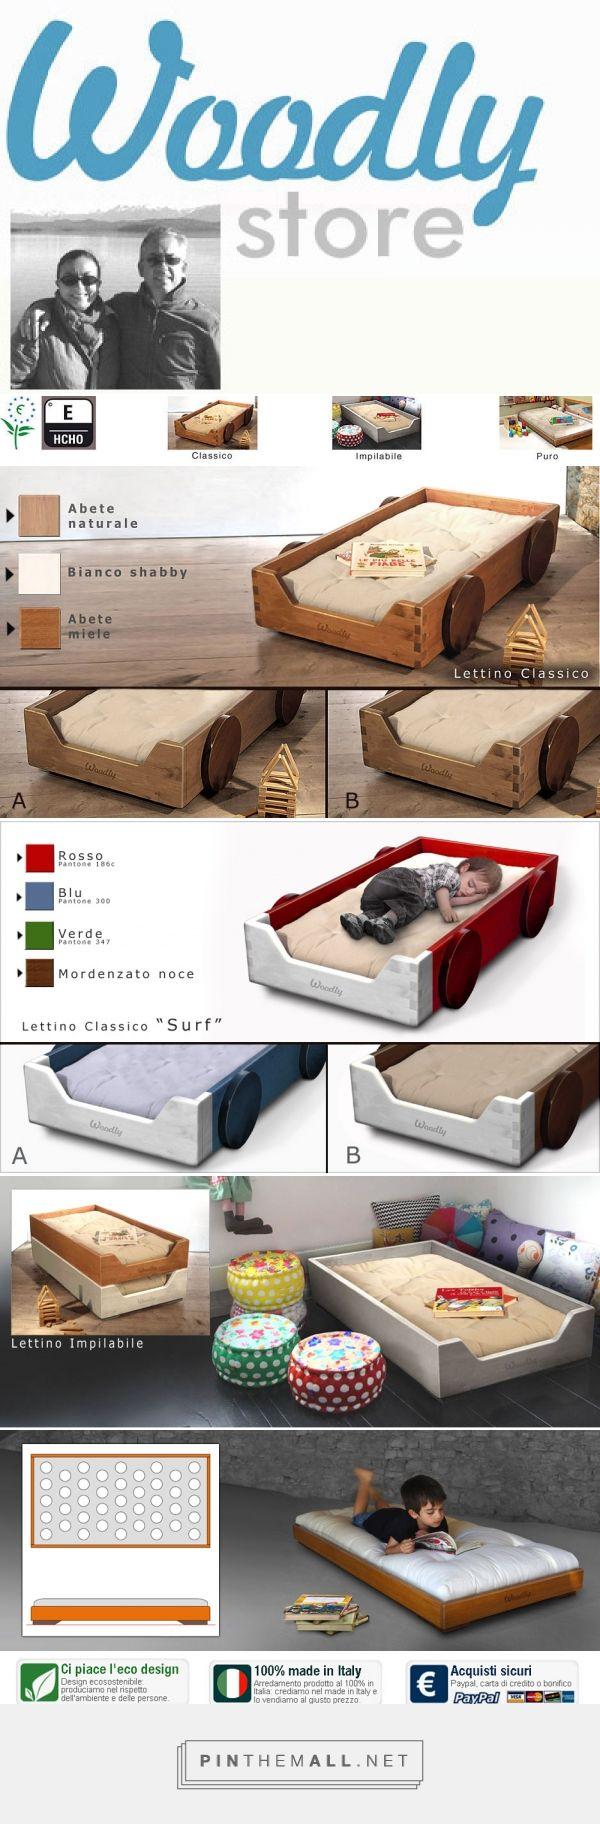 Woodly Store -  Lettino Ecologico Montessori Montessori floor bed